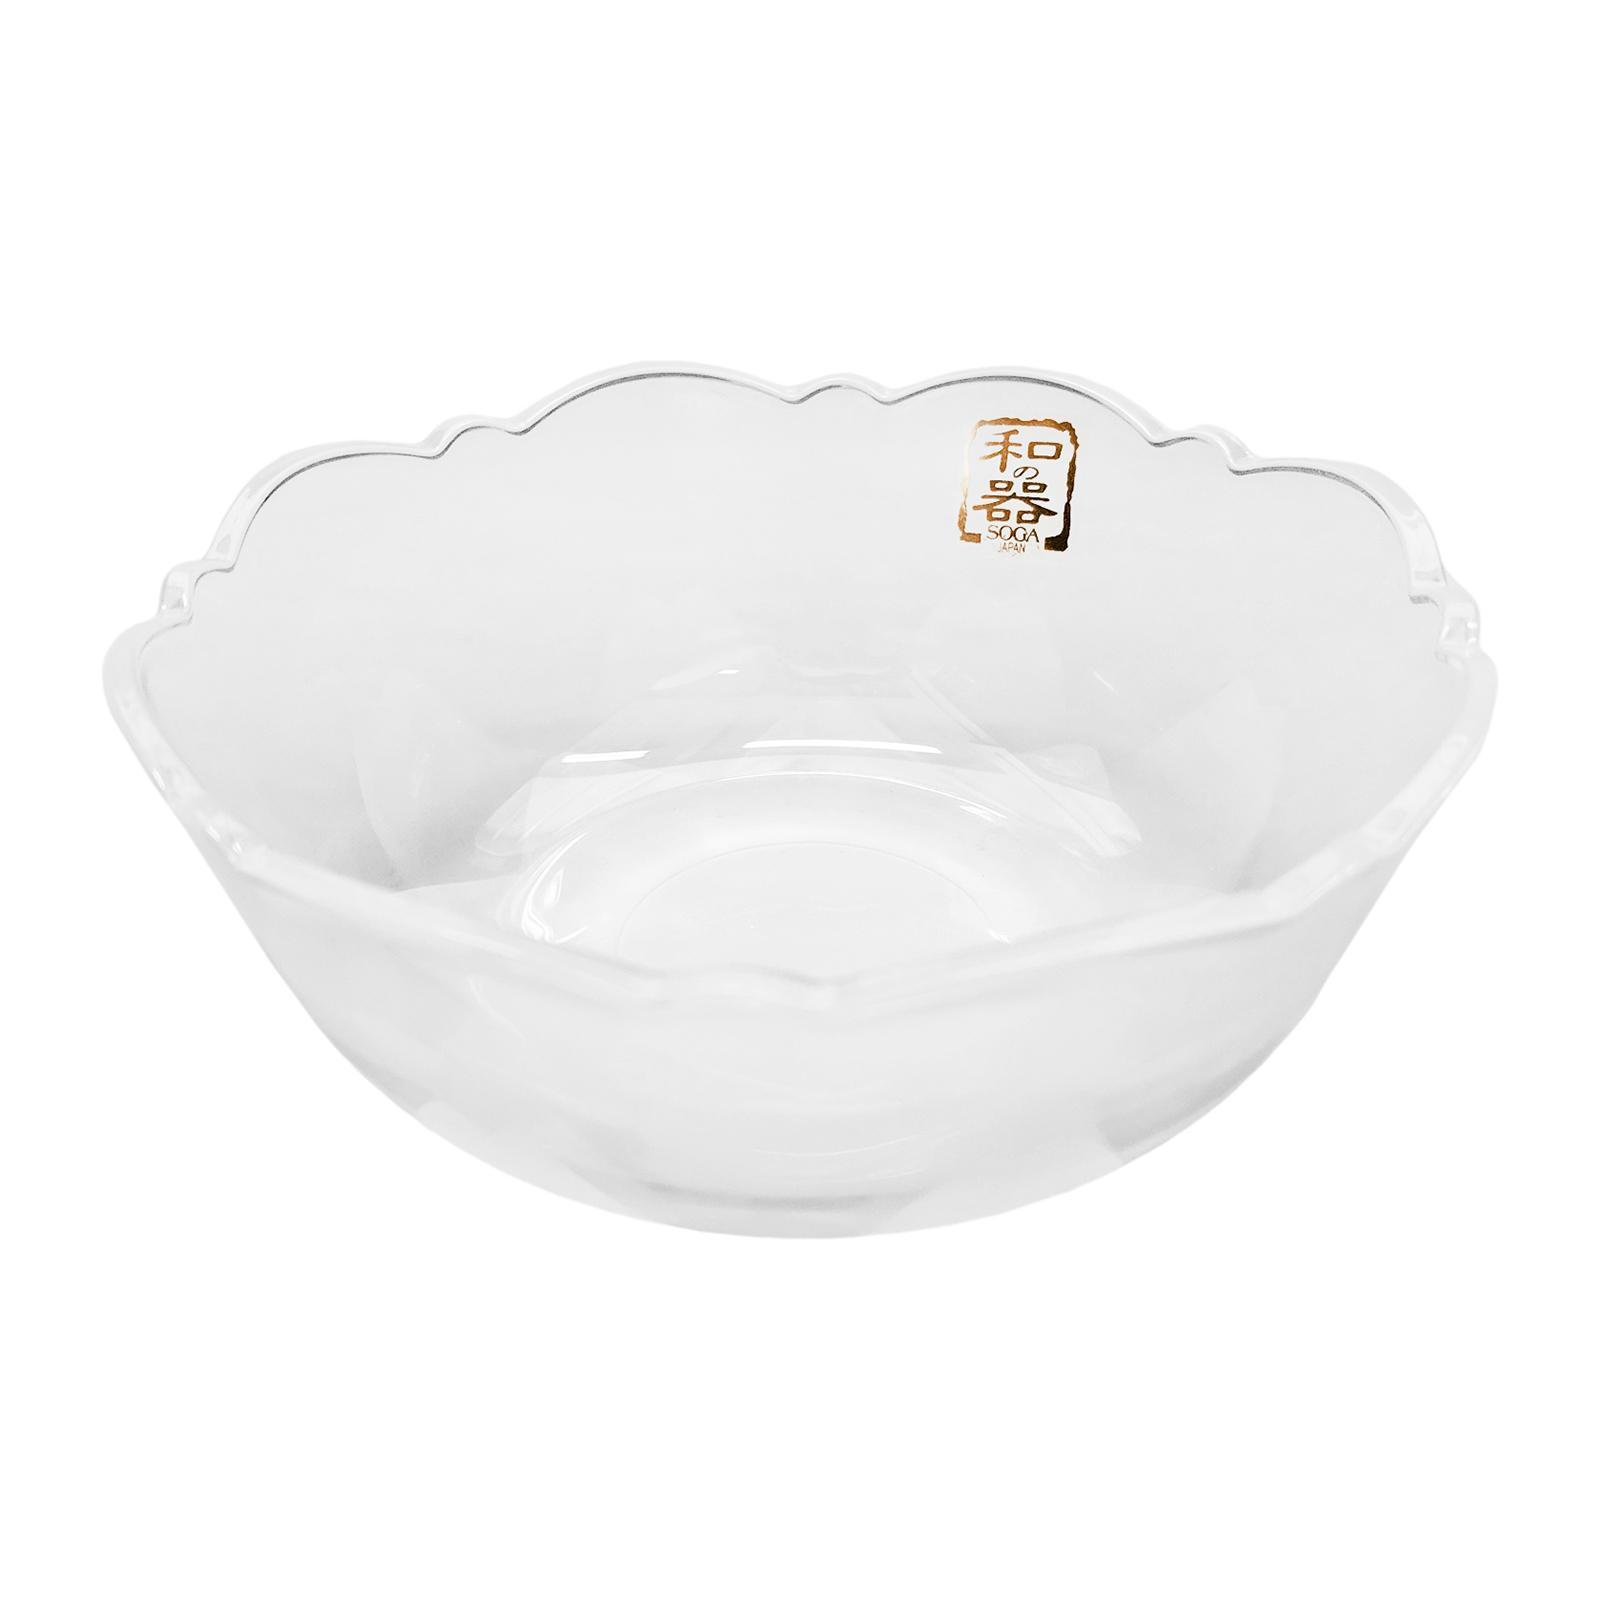 Soga Yume Glass Bowl 5 6-PCS Set